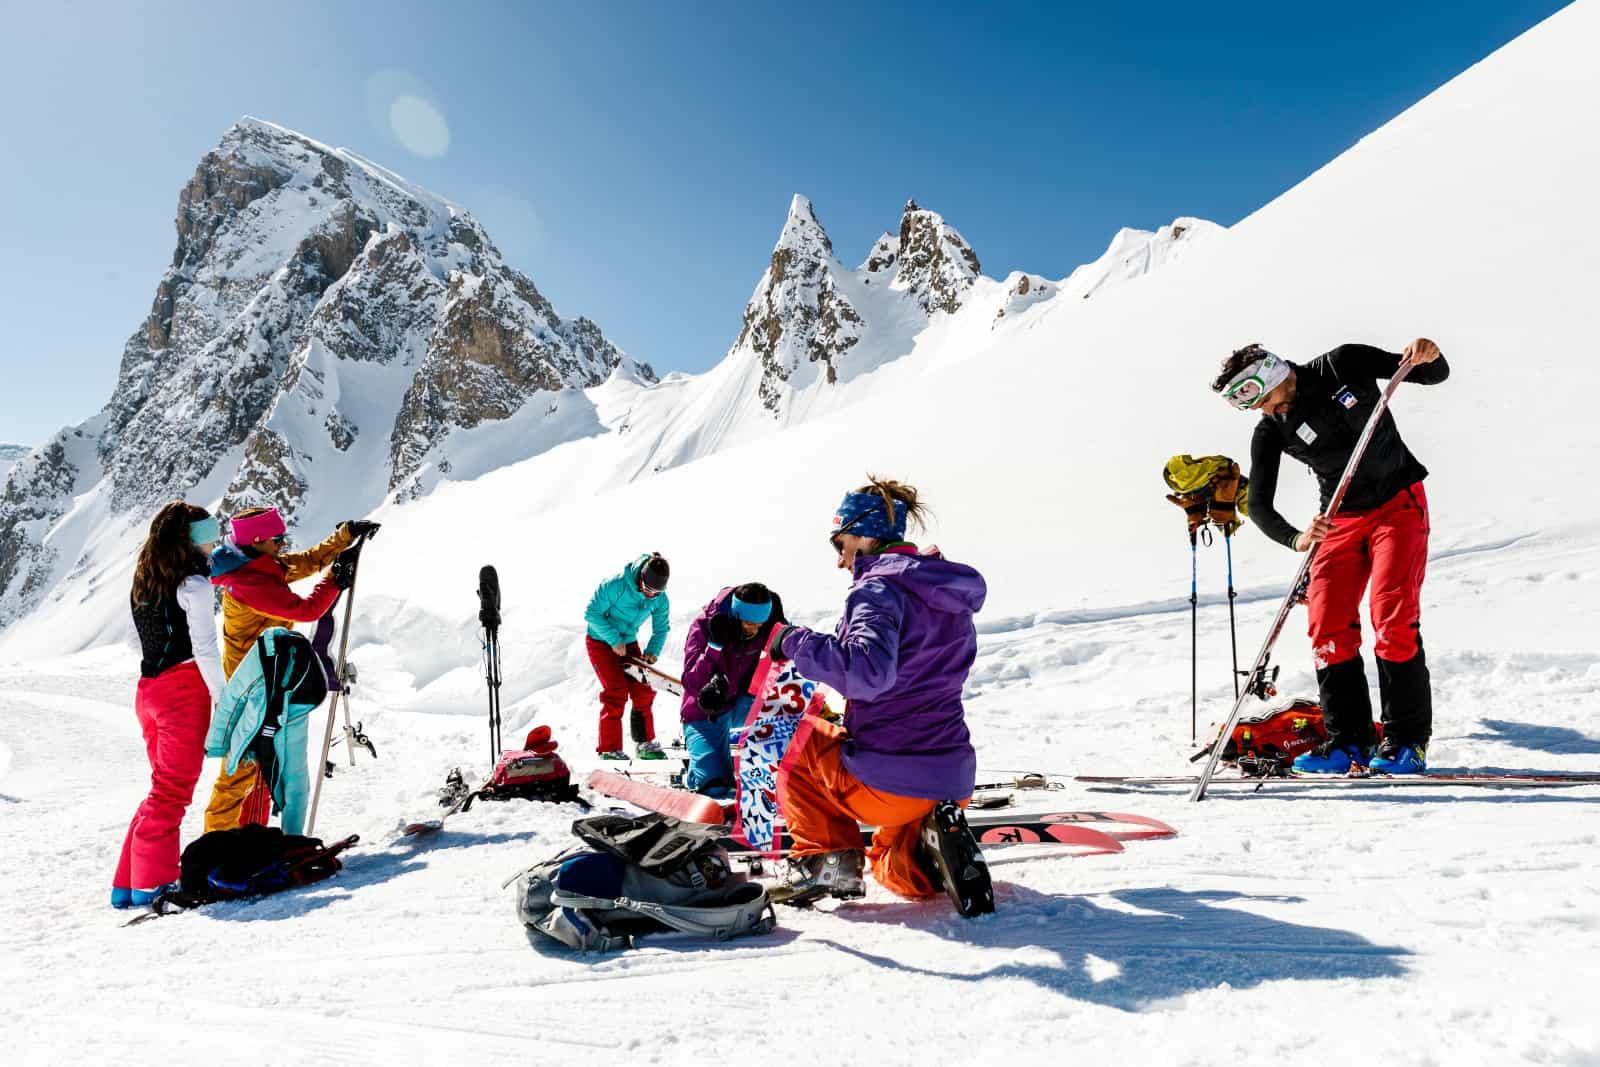 Le ski de fond à Tignes sans remontées mécaniques